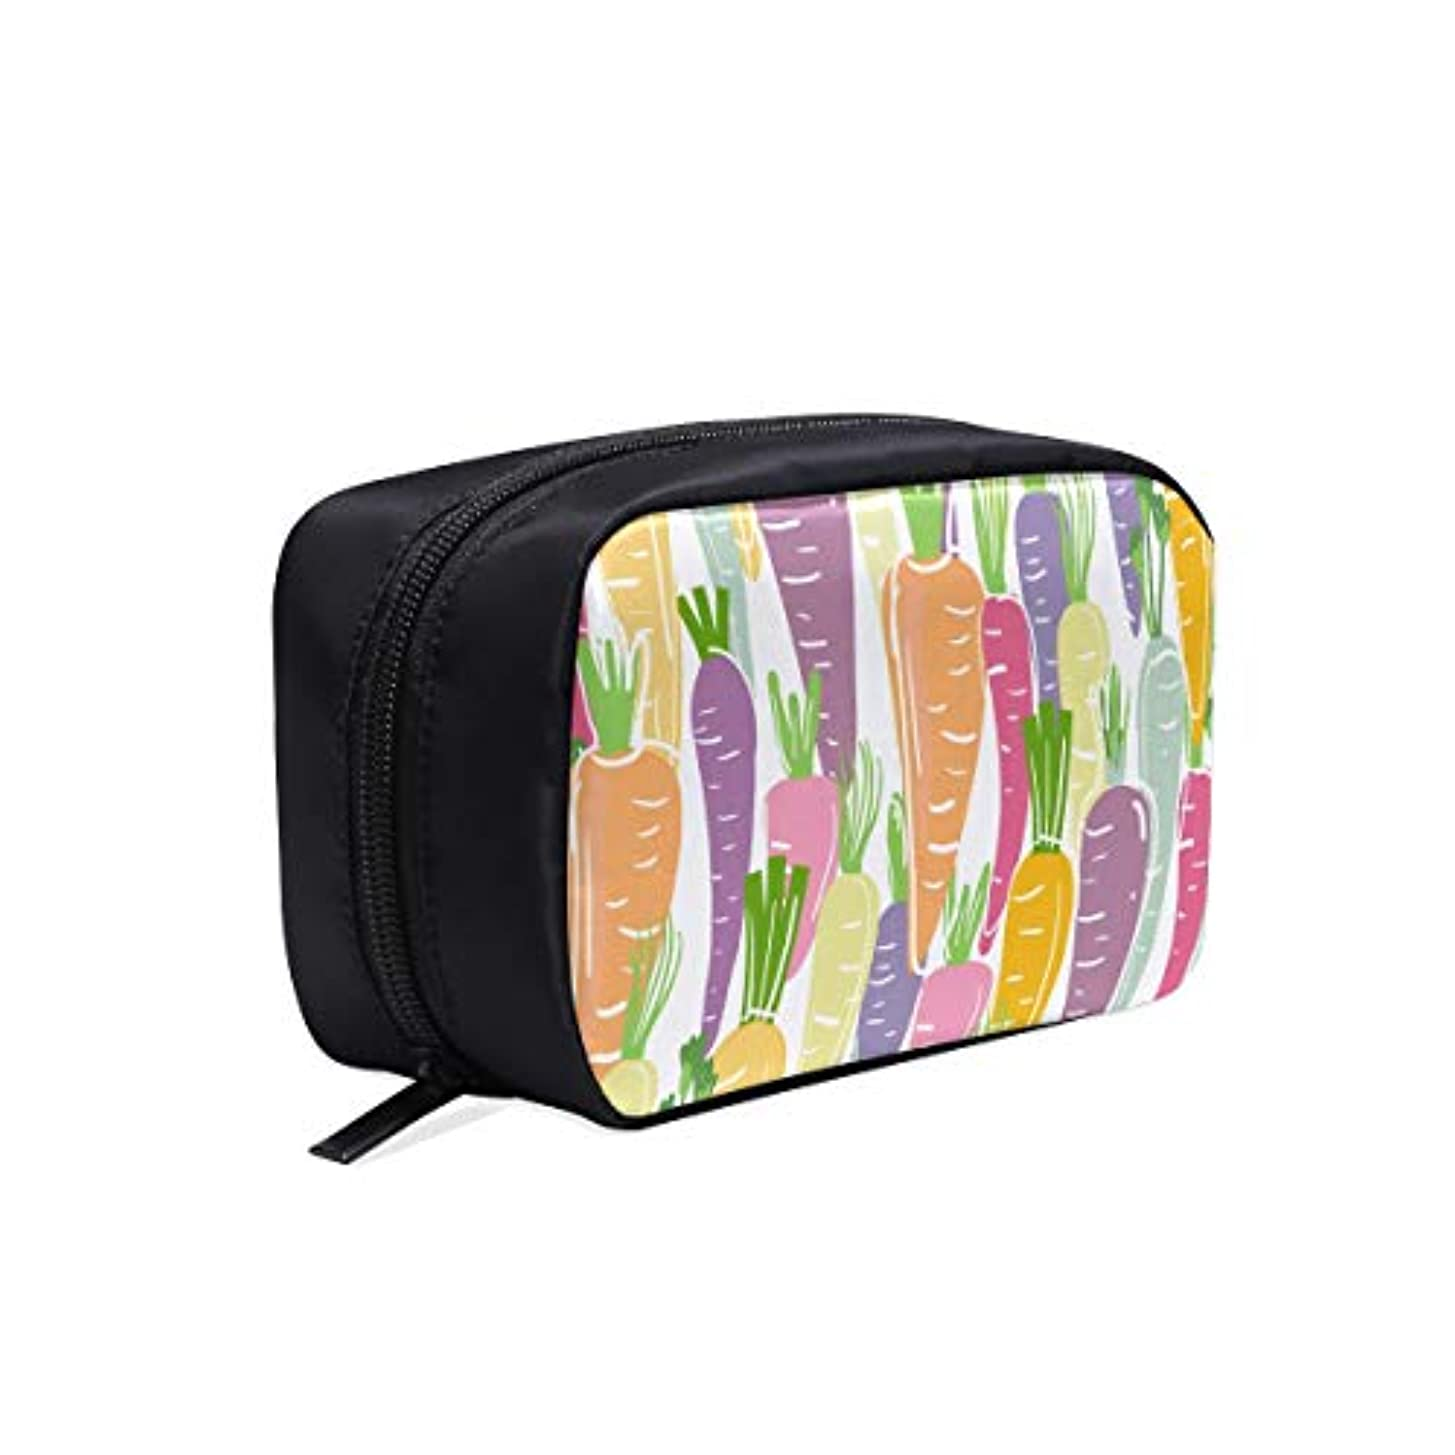 計算ダイアクリティカル会話型MDKHJ メイクポーチ パリパリにんじん ボックス コスメ収納 化粧品収納ケース 大容量 収納 化粧品入れ 化粧バッグ 旅行用 メイクブラシバッグ 化粧箱 持ち運び便利 プロ用